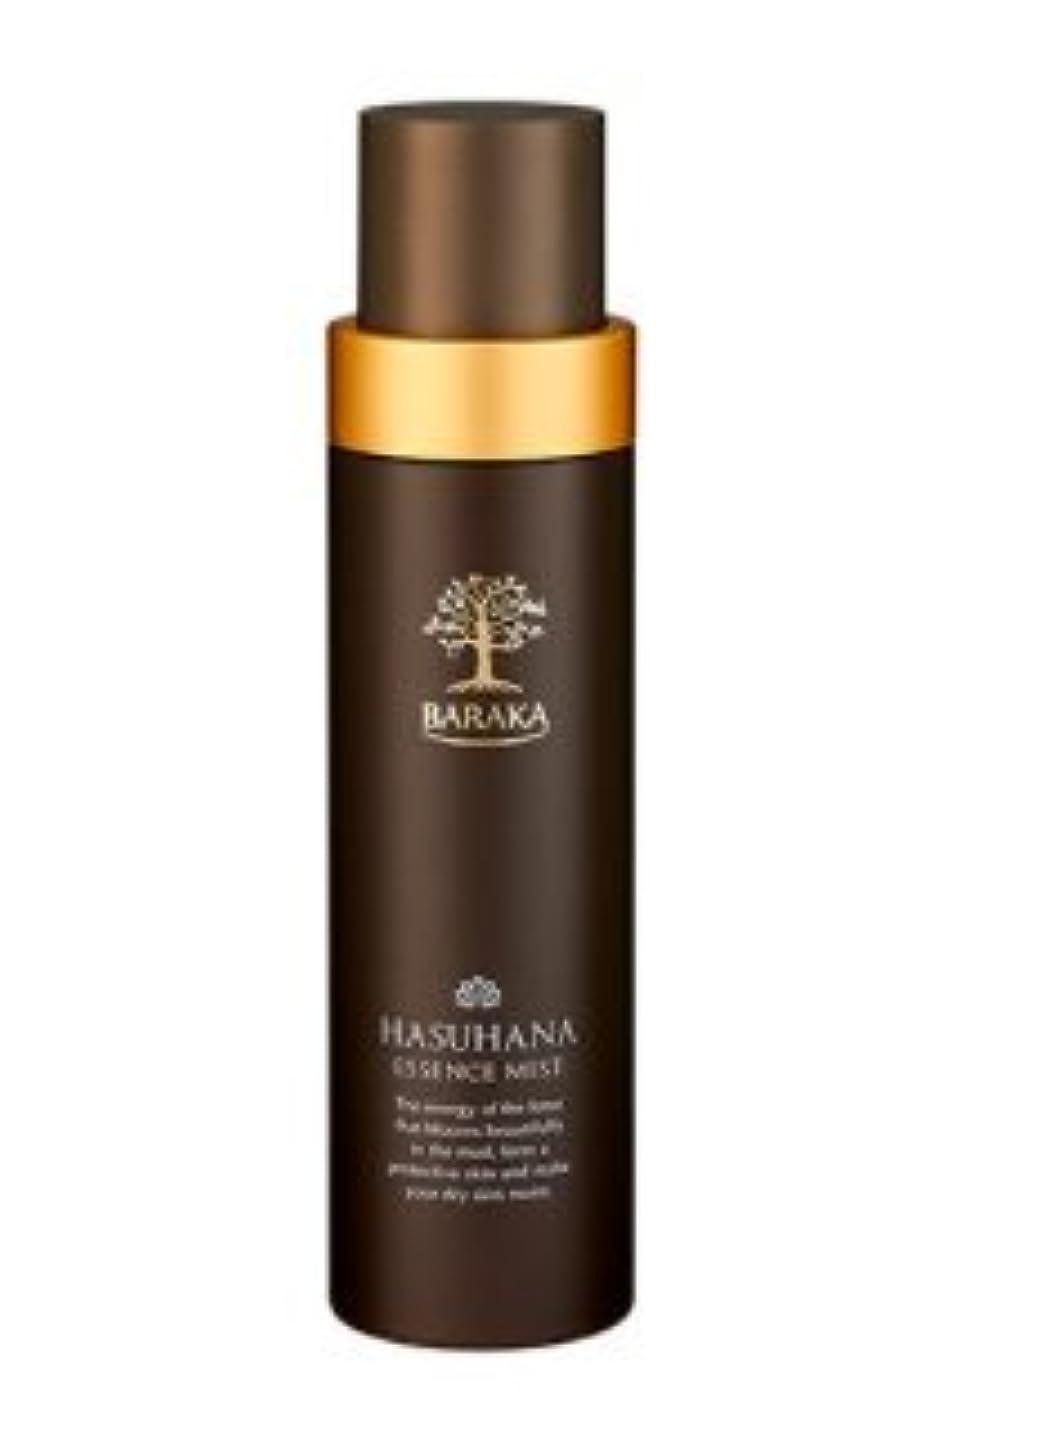 聖職者非行床を掃除するBARAKA(バラカ) ハス花 エッセンス ミスト 150mL ミスト状化粧水